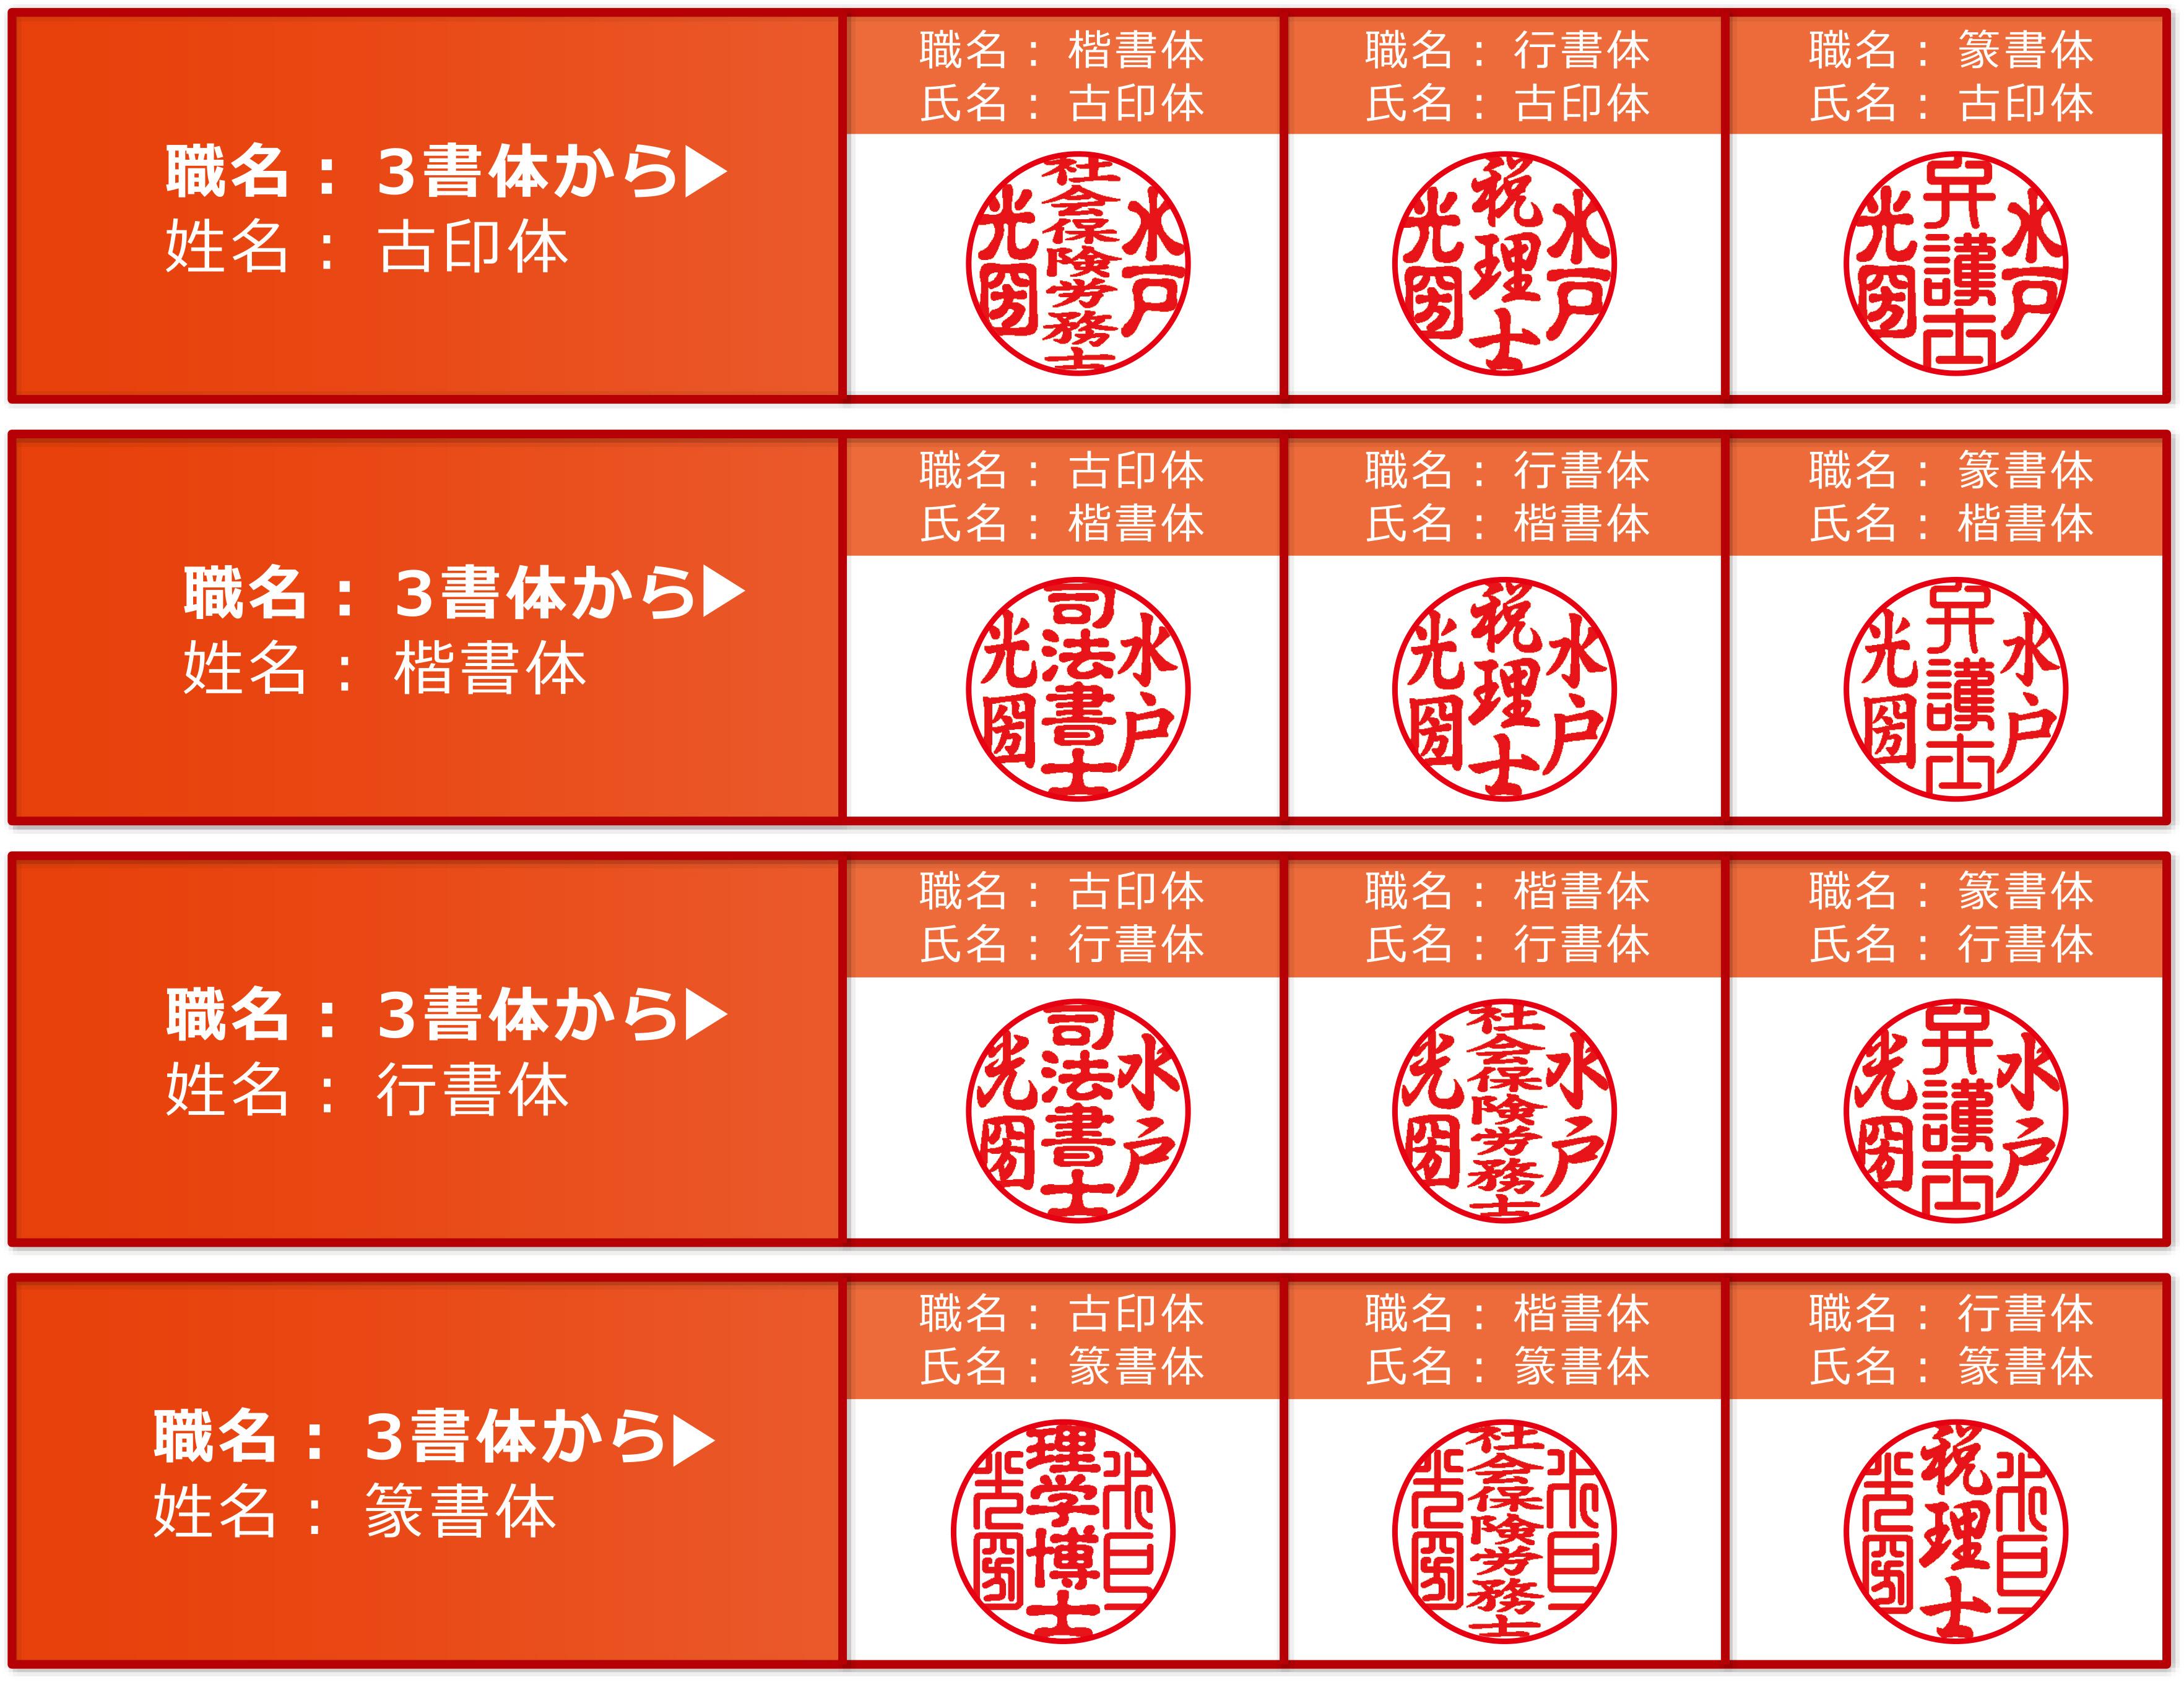 職業印鑑A2書体